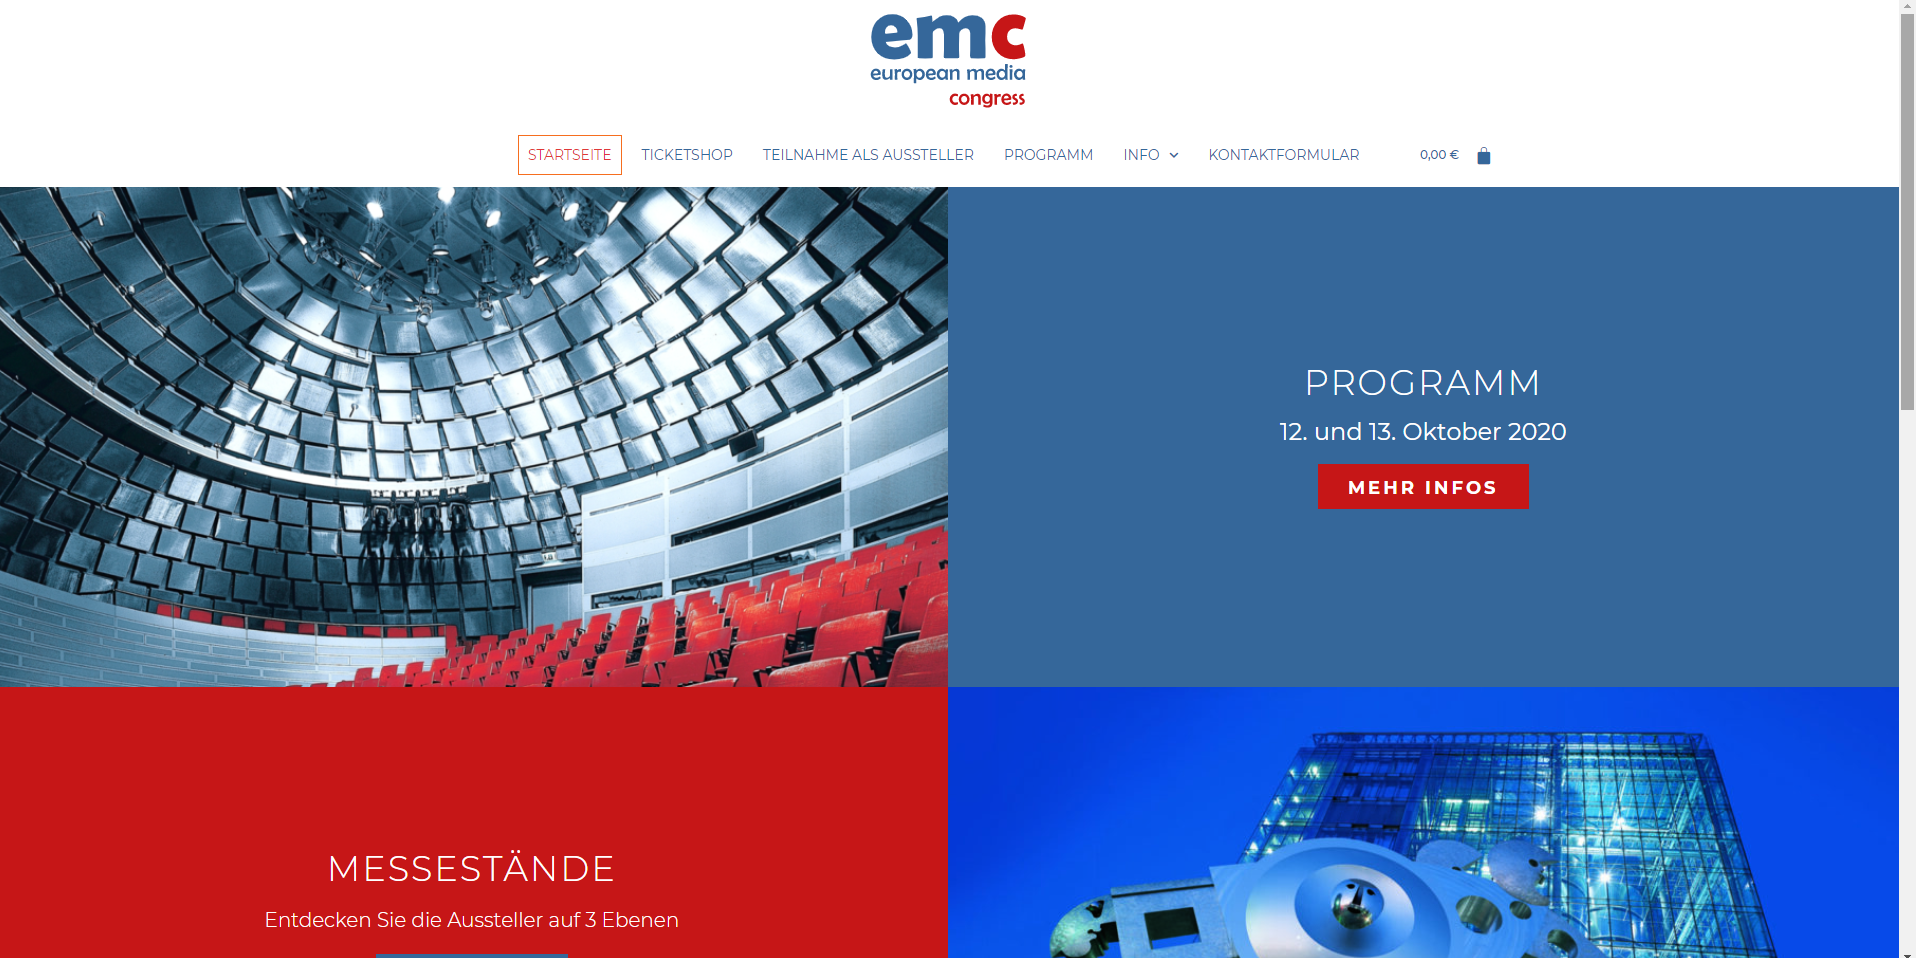 Der Shop des European Media Congress - realisiert von der Agentur N49